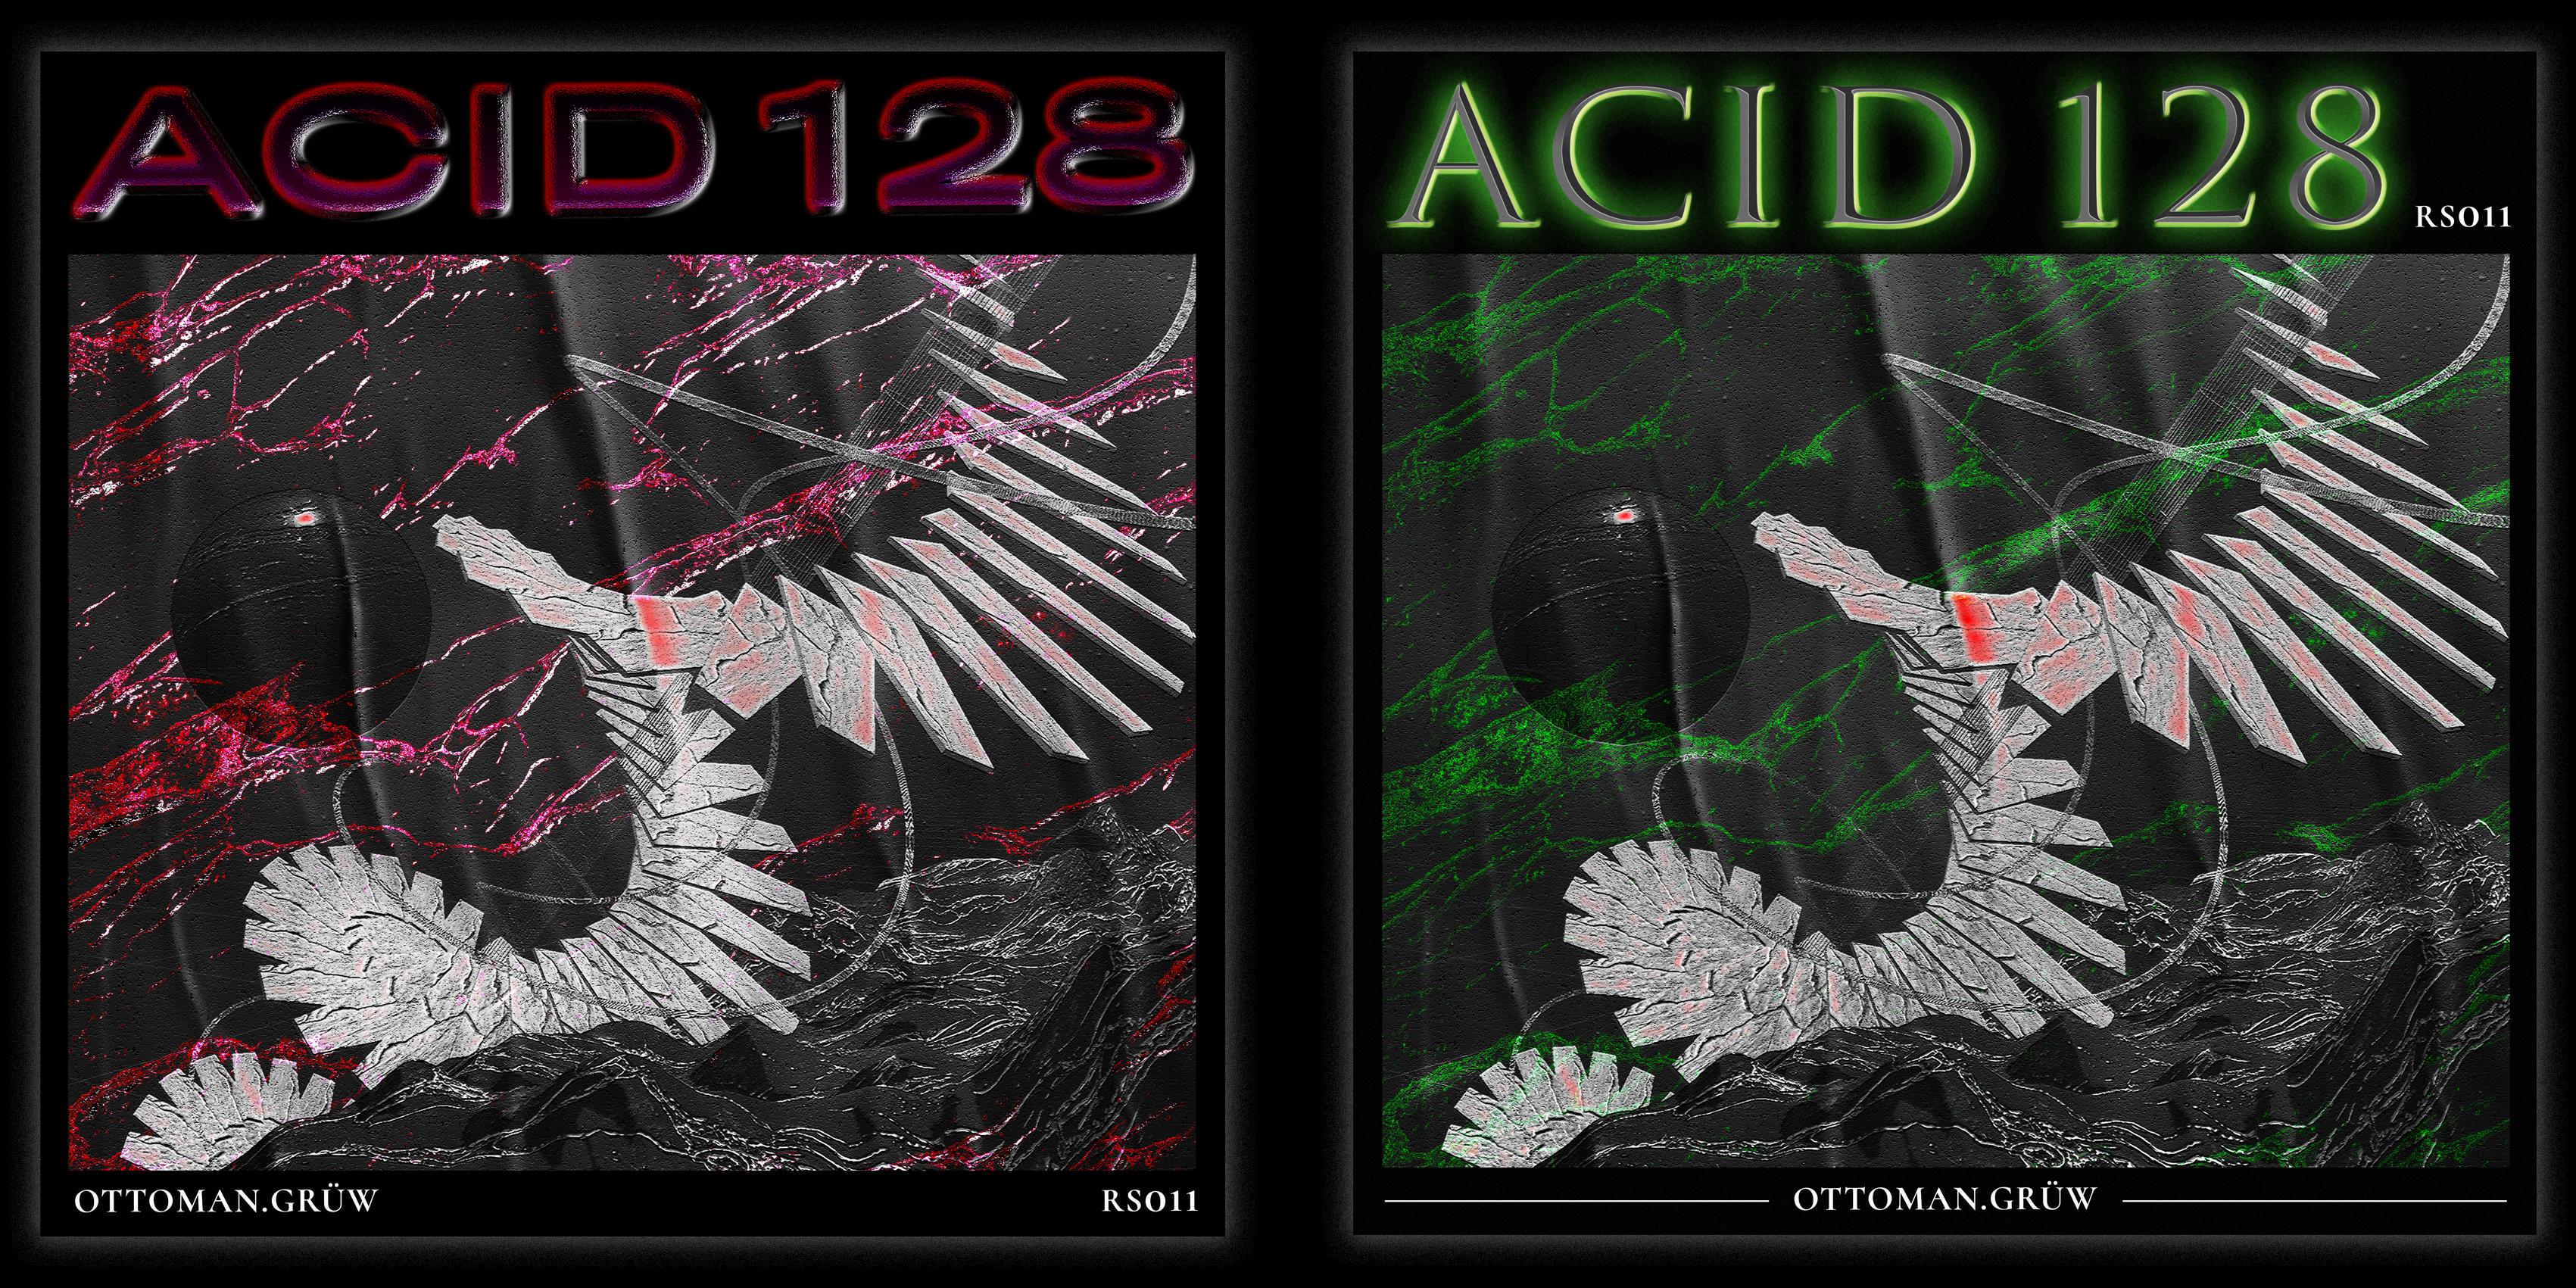 ACID128-Pochette